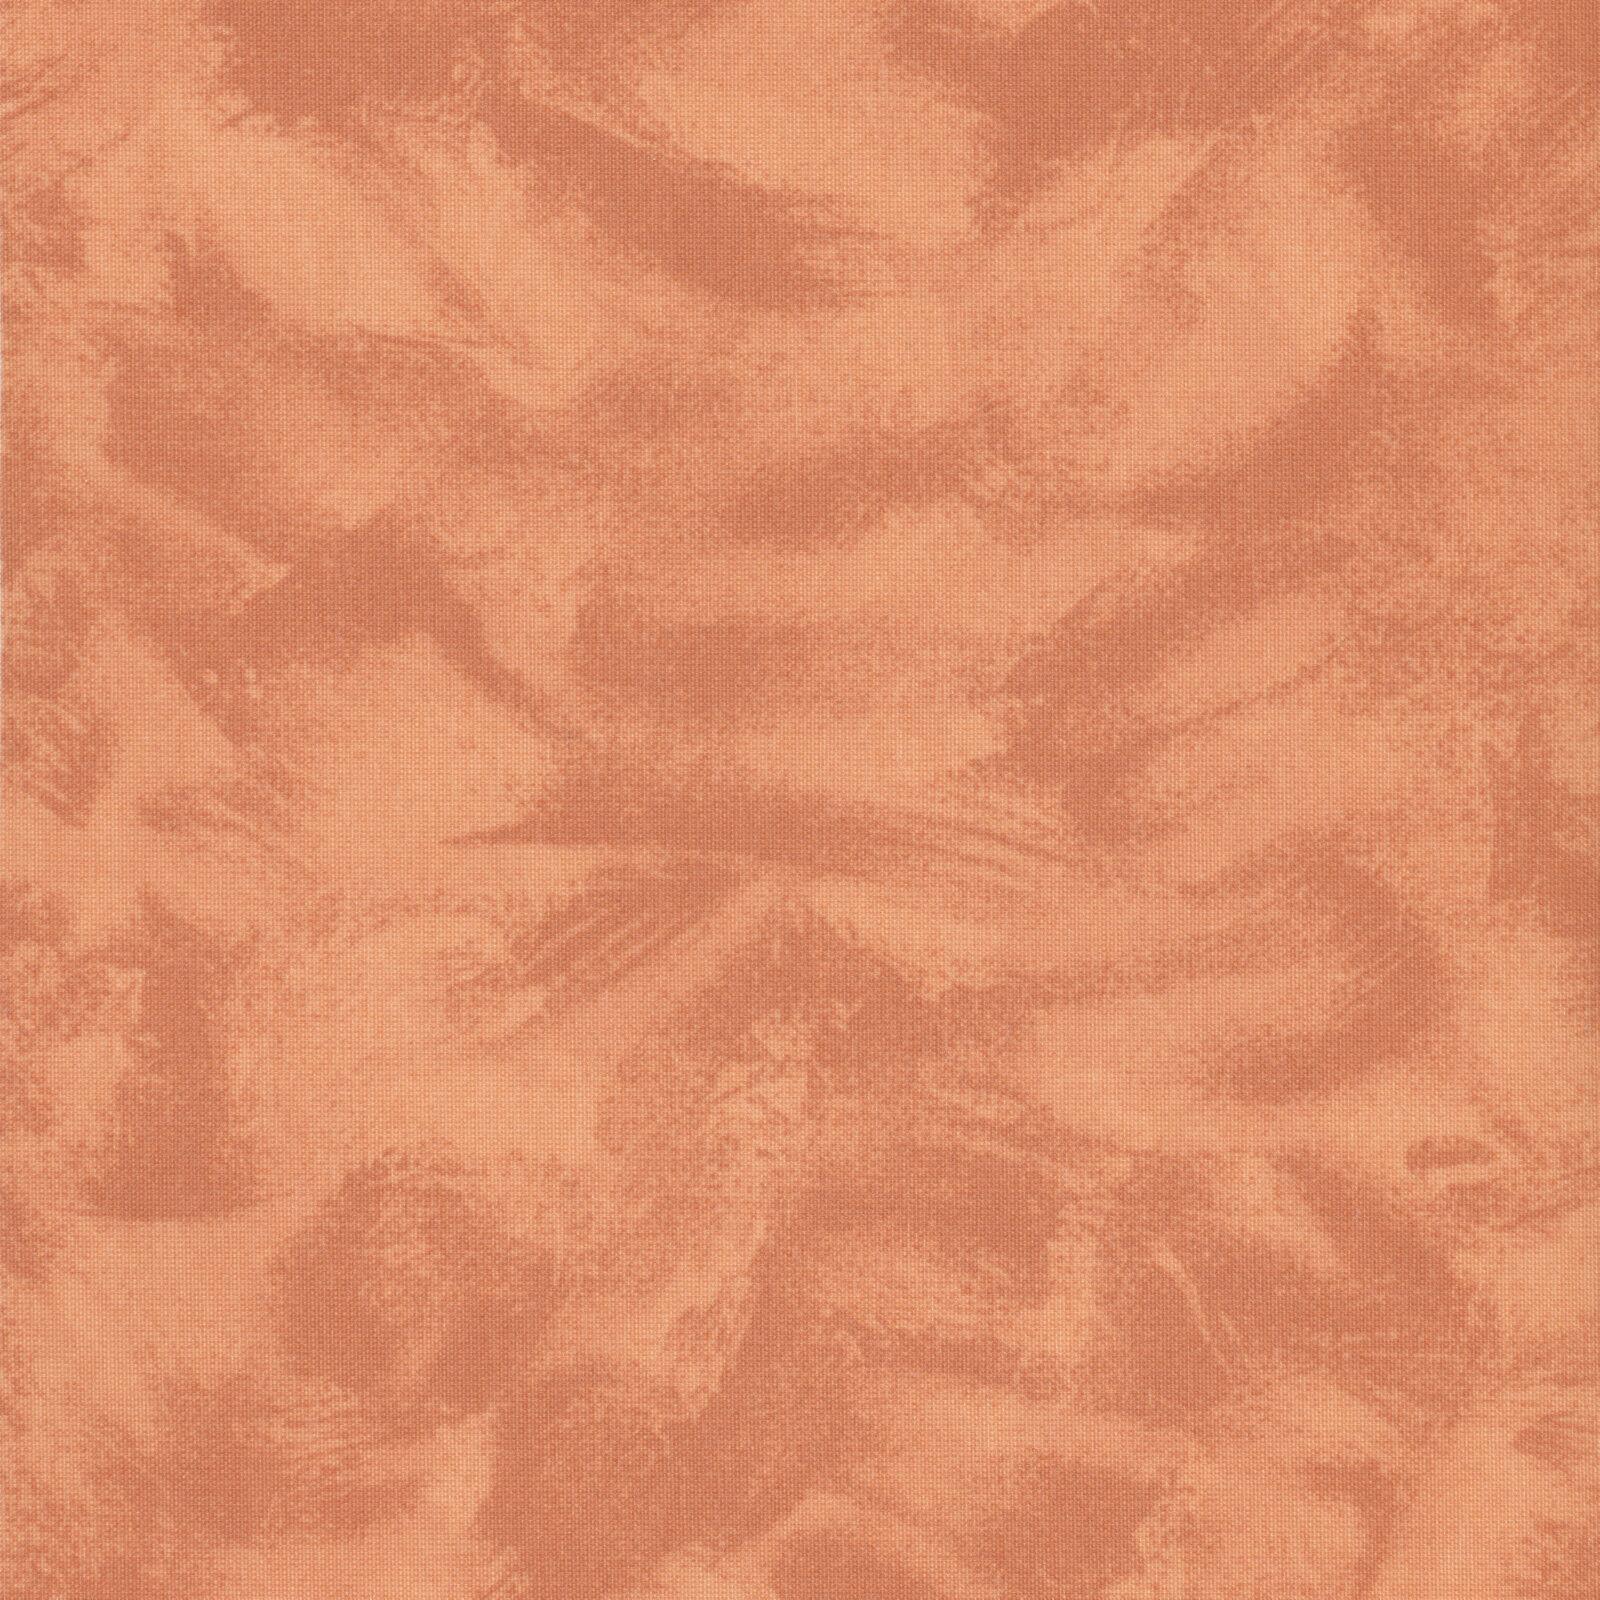 Rollo Seitenzugrollo Seitenzugrollo Seitenzugrollo Kettenzugrollo Dekorrollo Sonnenschutz terra Orange   Öffnen Sie das Interesse und die Innovation Ihres Kindes, aber auch die Unschuld von Kindern, kindlich, glücklich  d409e1